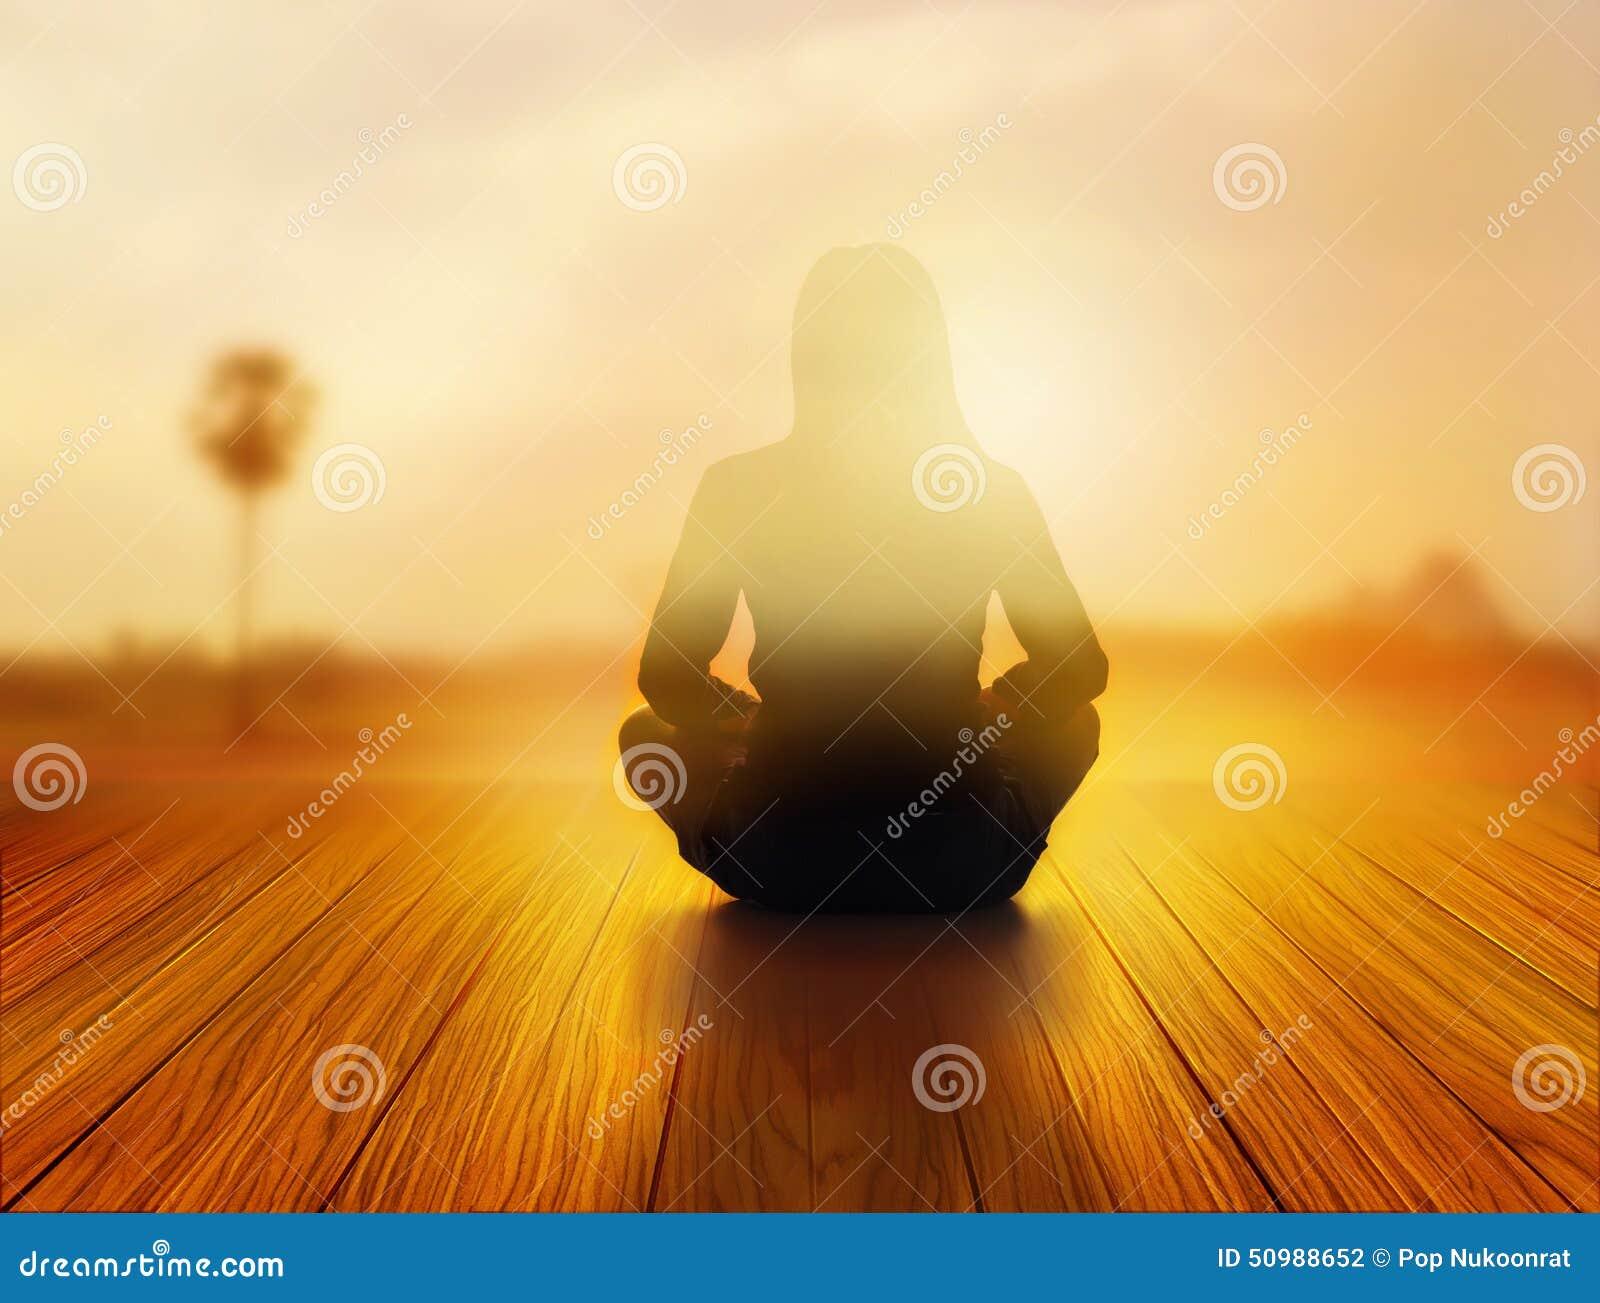 La femme méditait dans le lever de soleil et les rayons de la lumière sur le paysage, le concept vibrant doux et de tache floue